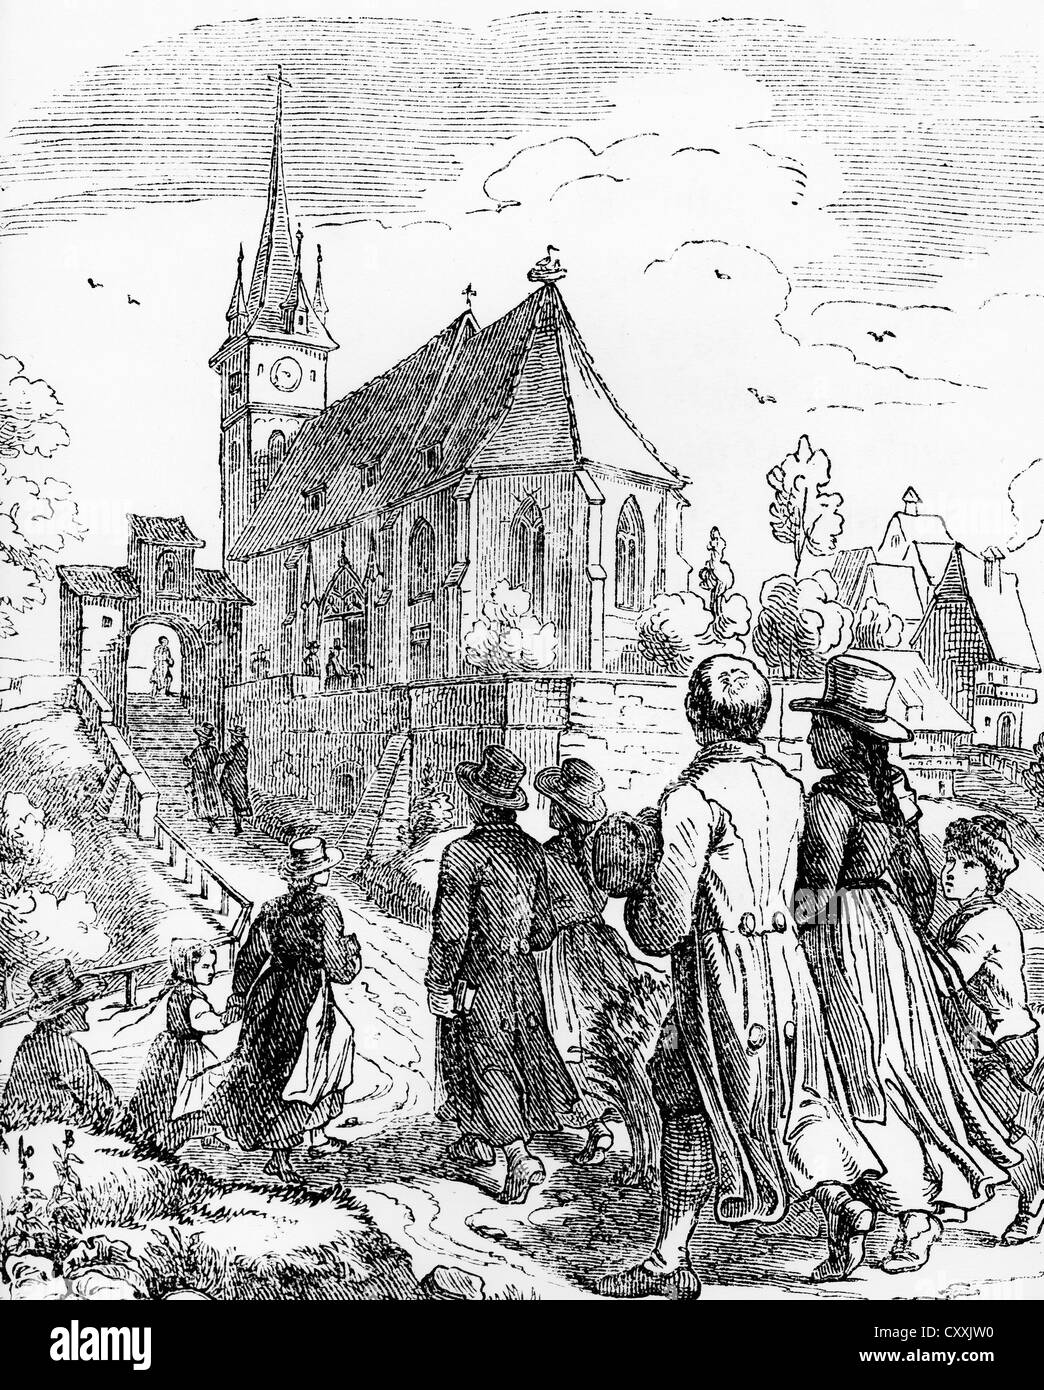 Kirche gehen am Sonntag, Holzschnitt, ca. 1900 Stockbild